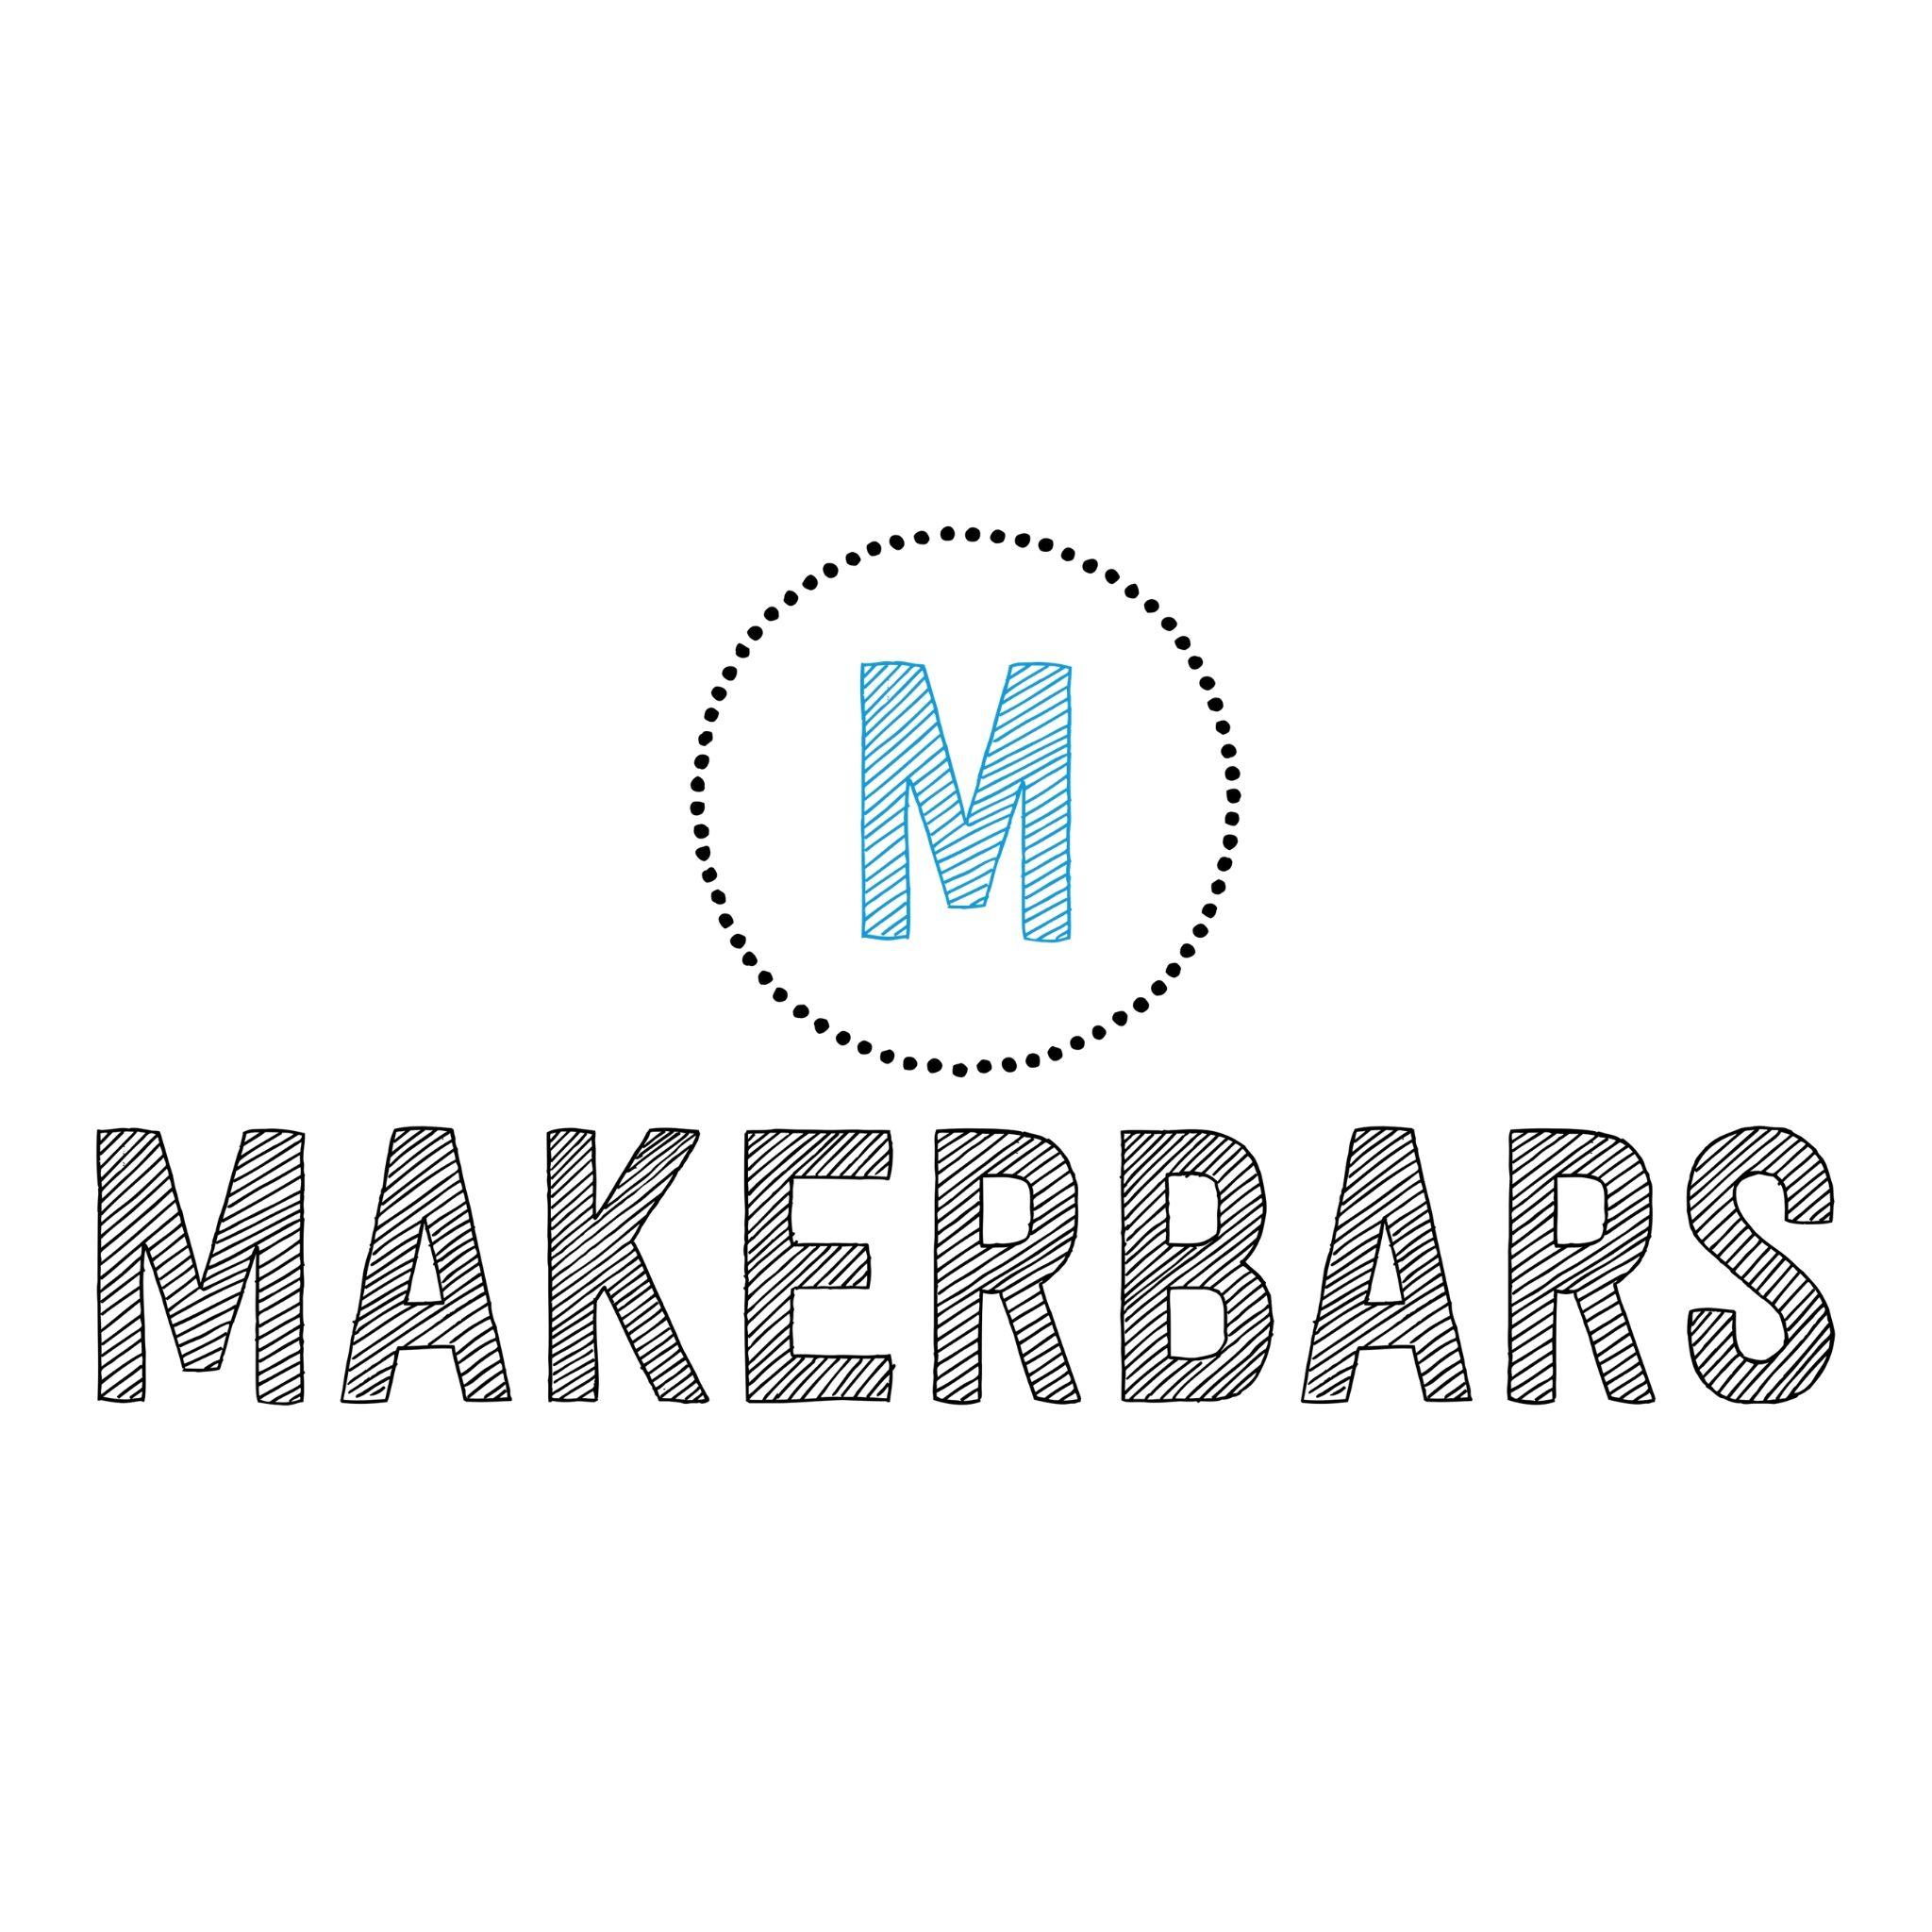 Maker bars logo